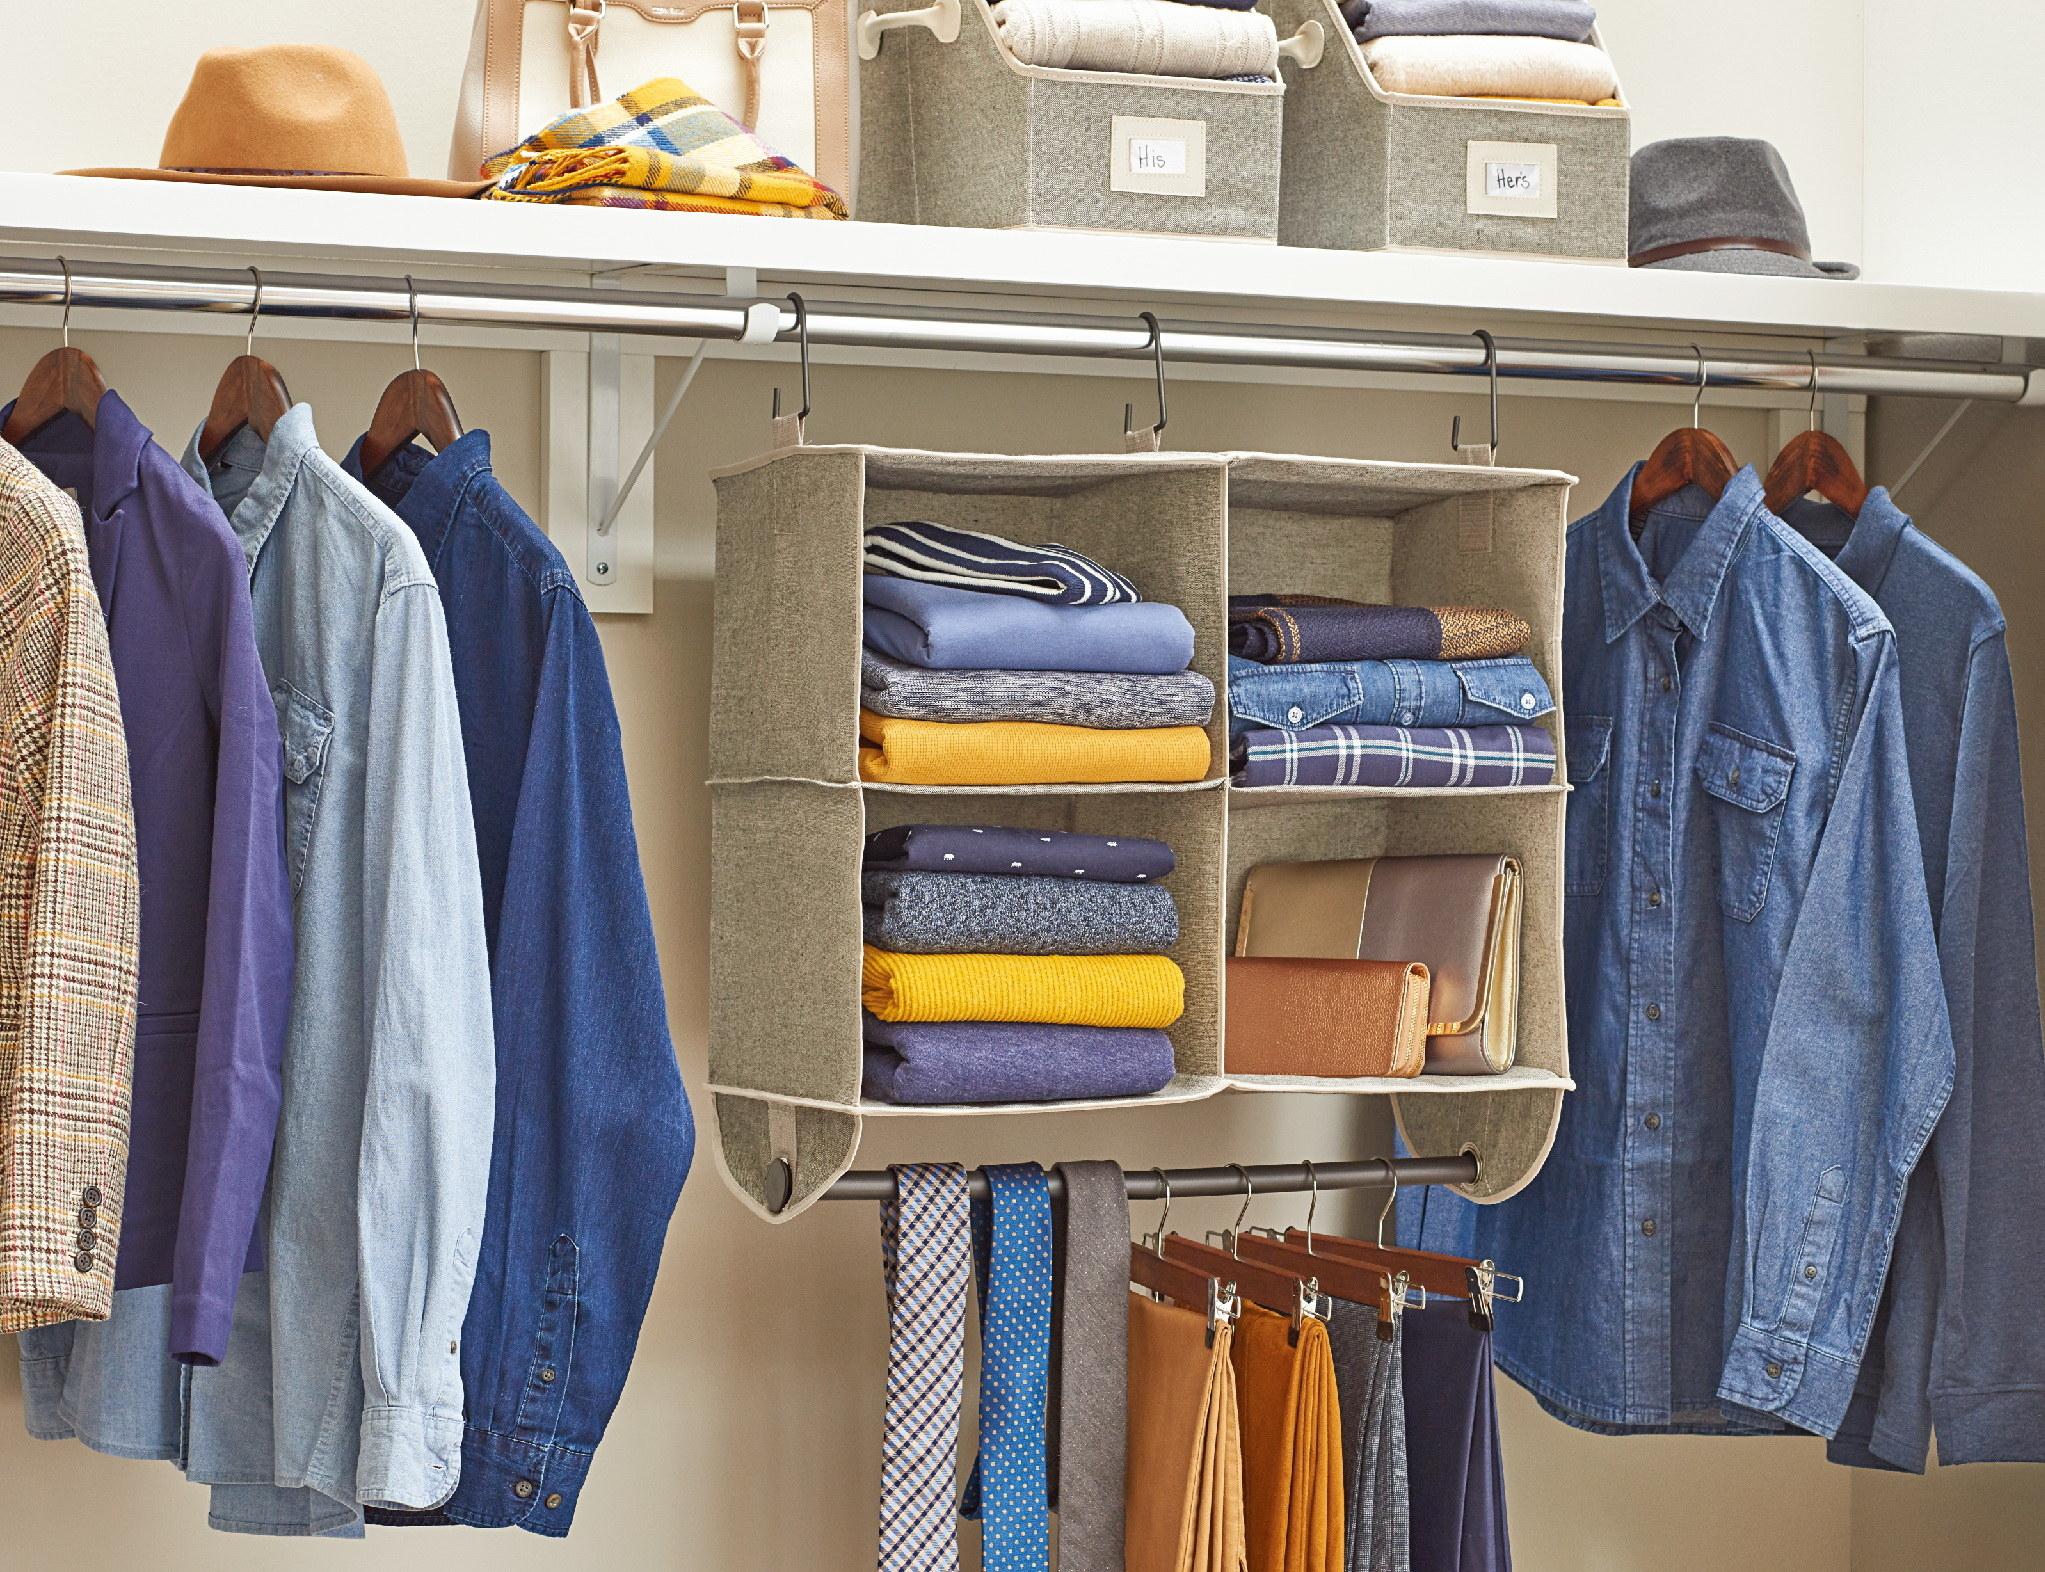 Four shelf hanging closet organizer